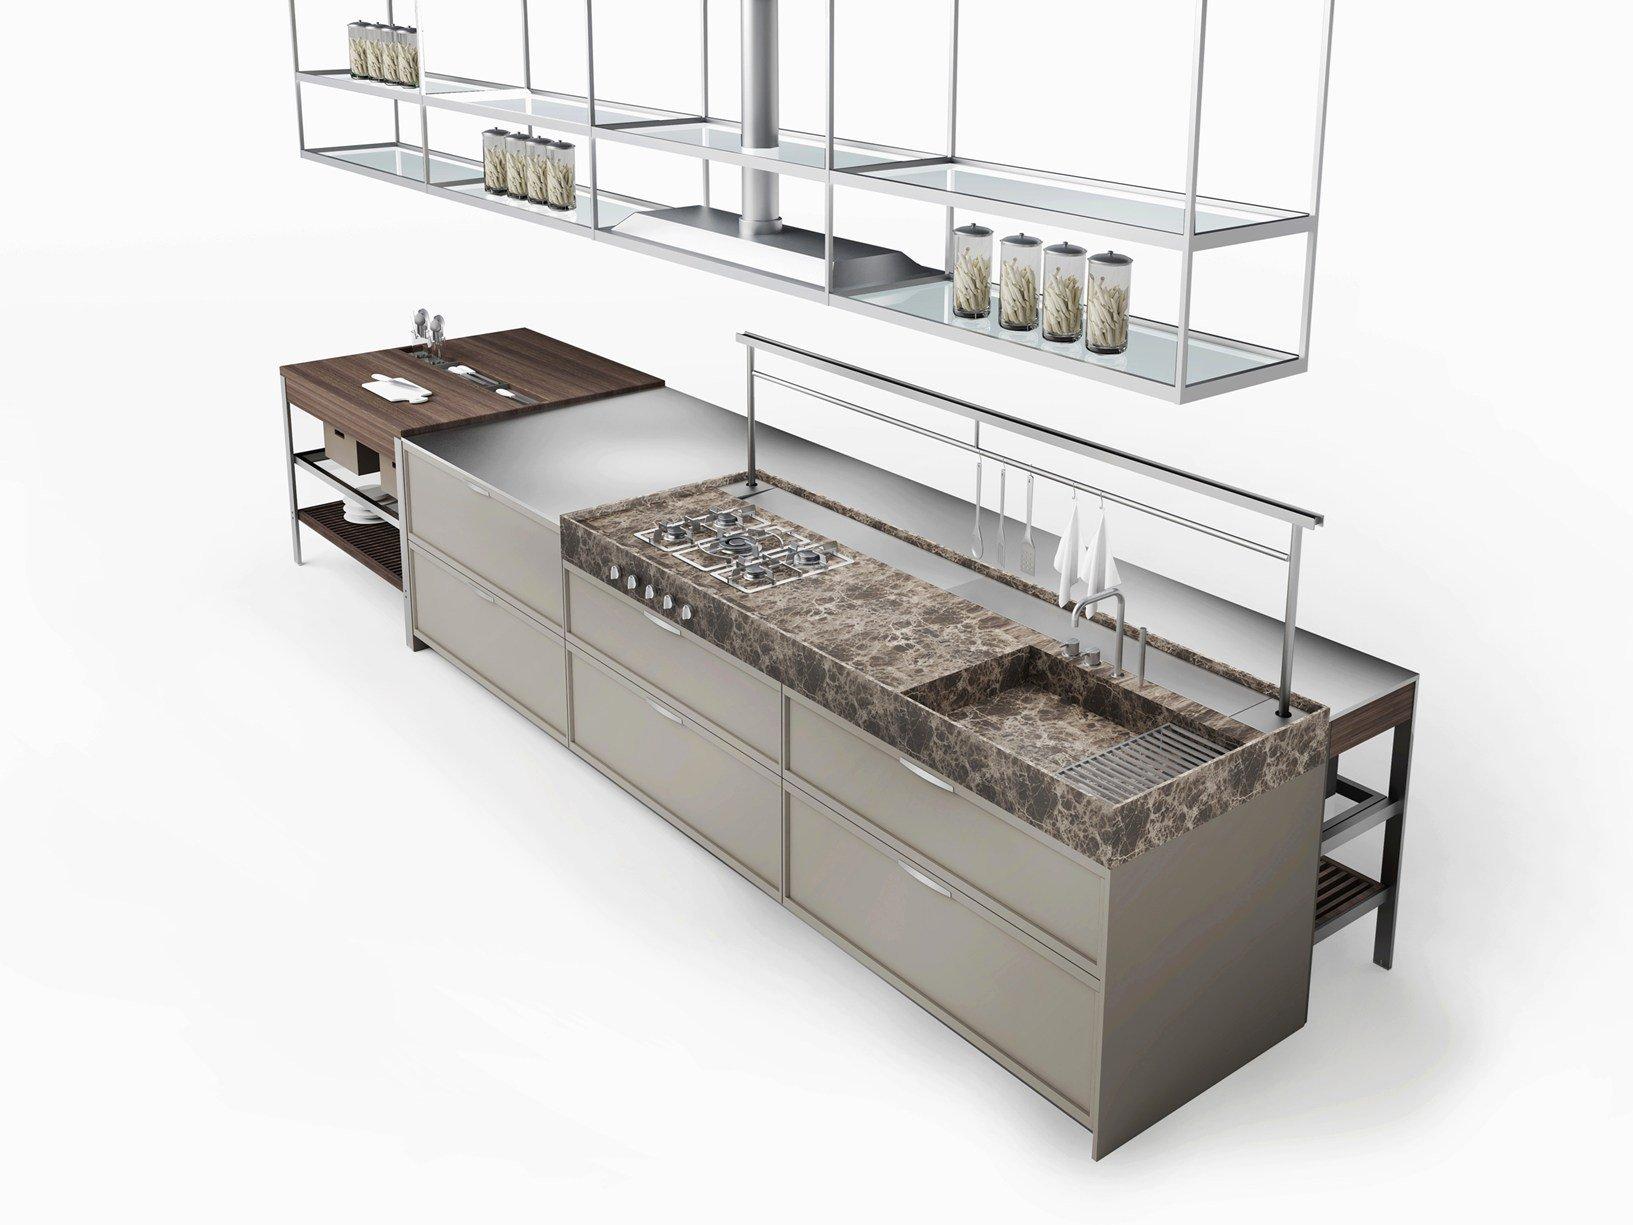 la cucina si ispira ai grandi banchi da lavoro industriali - Banco Da Lavoro Cucina